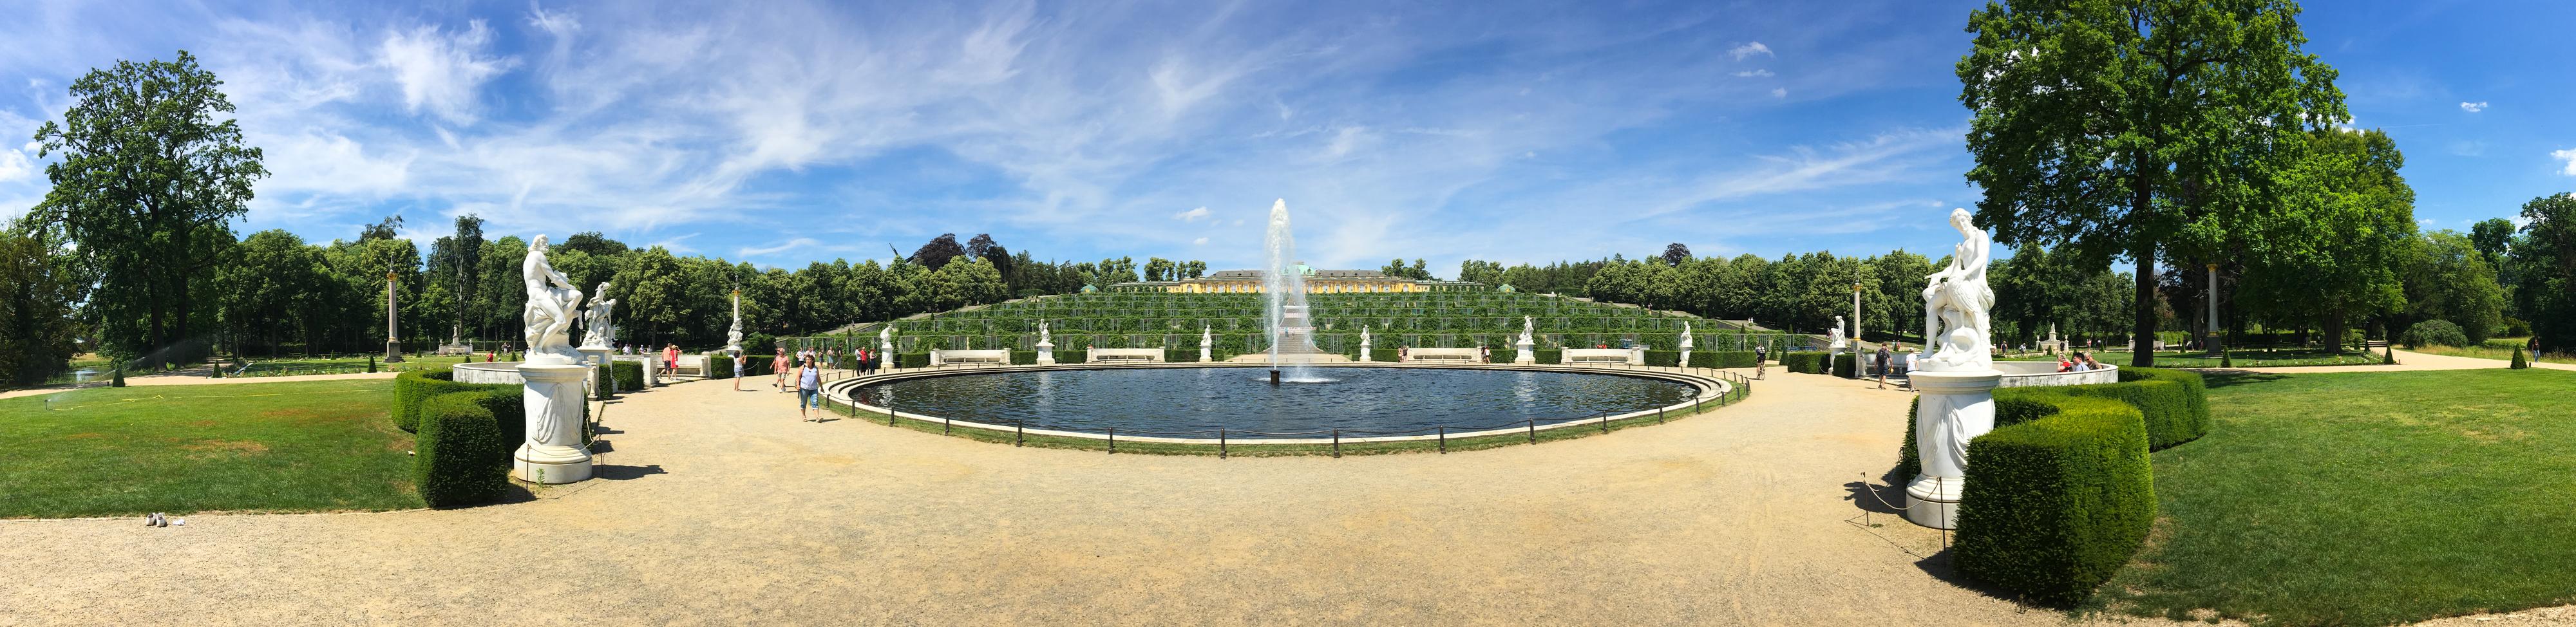 Schloss Sanssouci©Johannes Ratermann